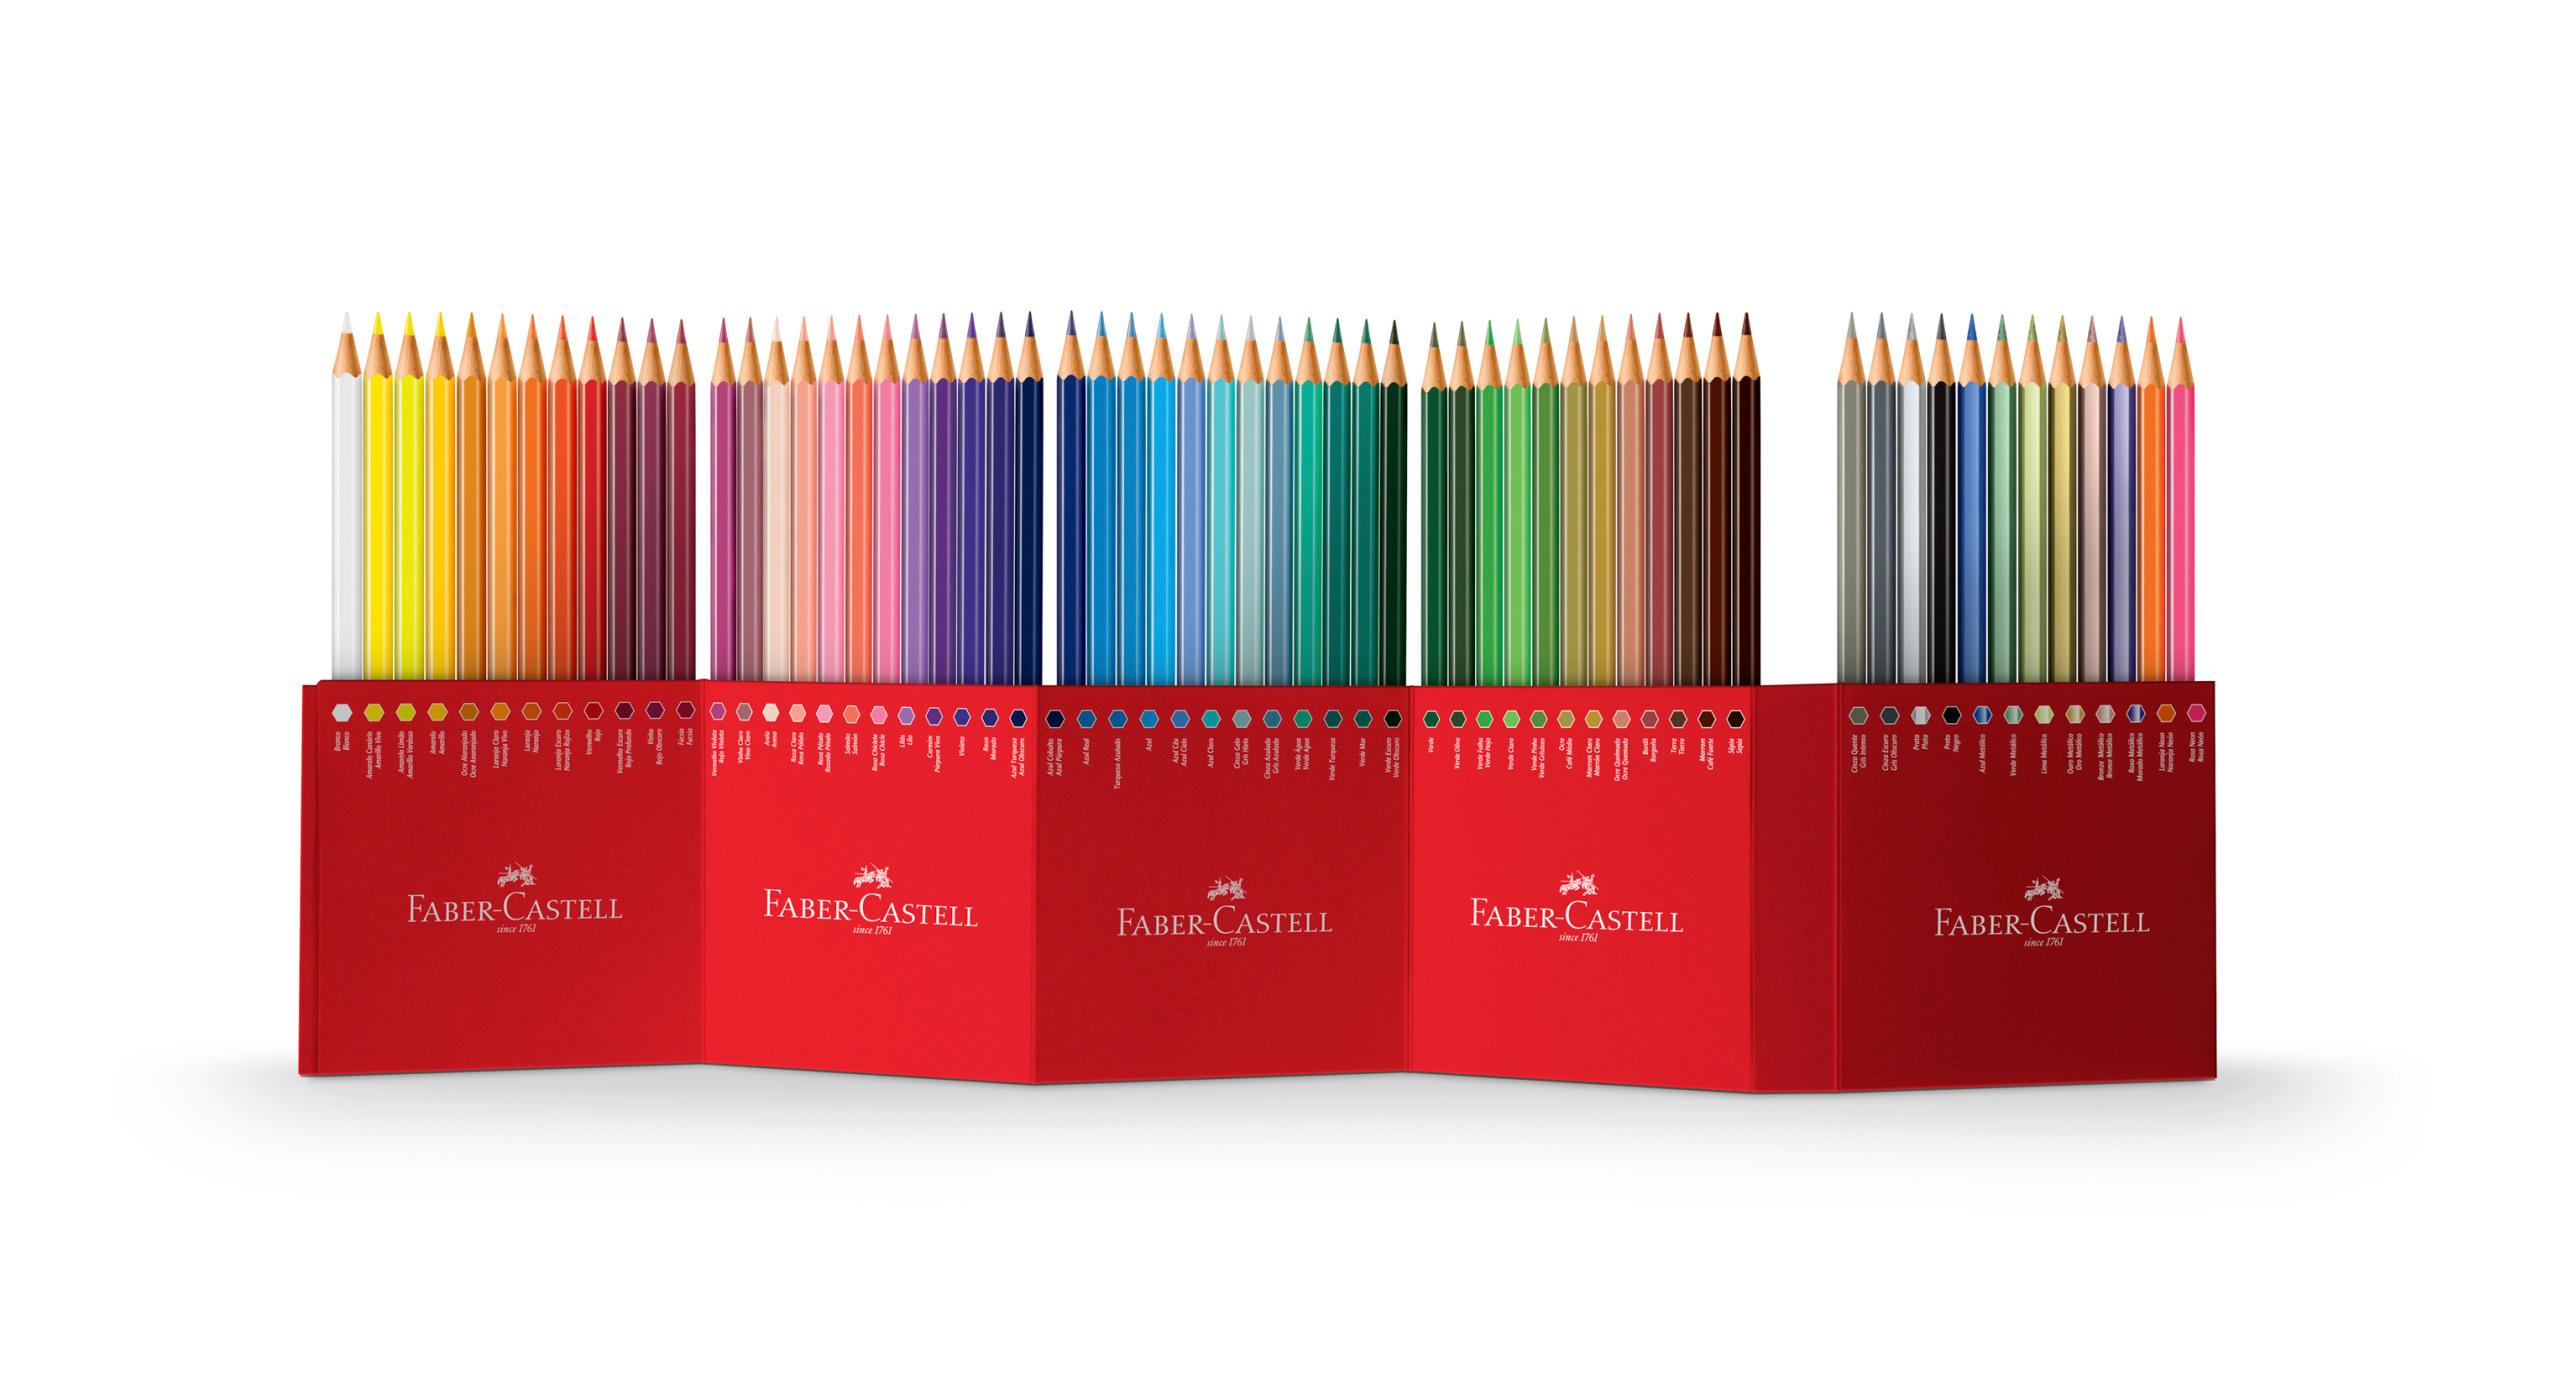 FABER-CASTELL Crayon de couleur Castle 111260 60 pcs, Set